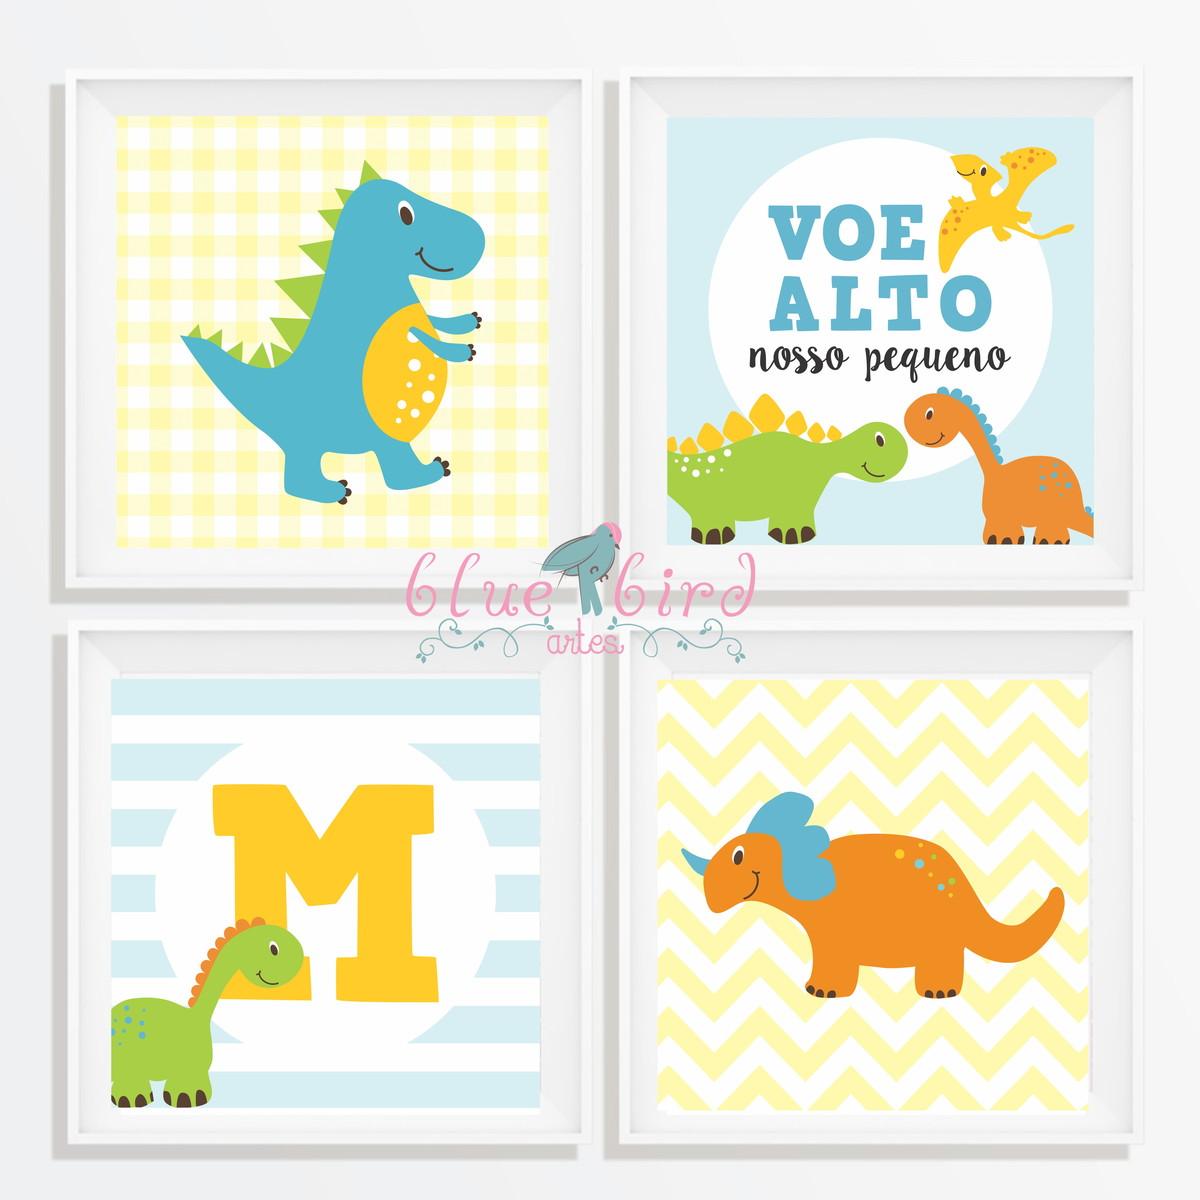 676802a19f6bf8 arte para impressão quarto dinossauro- letra personalisavel